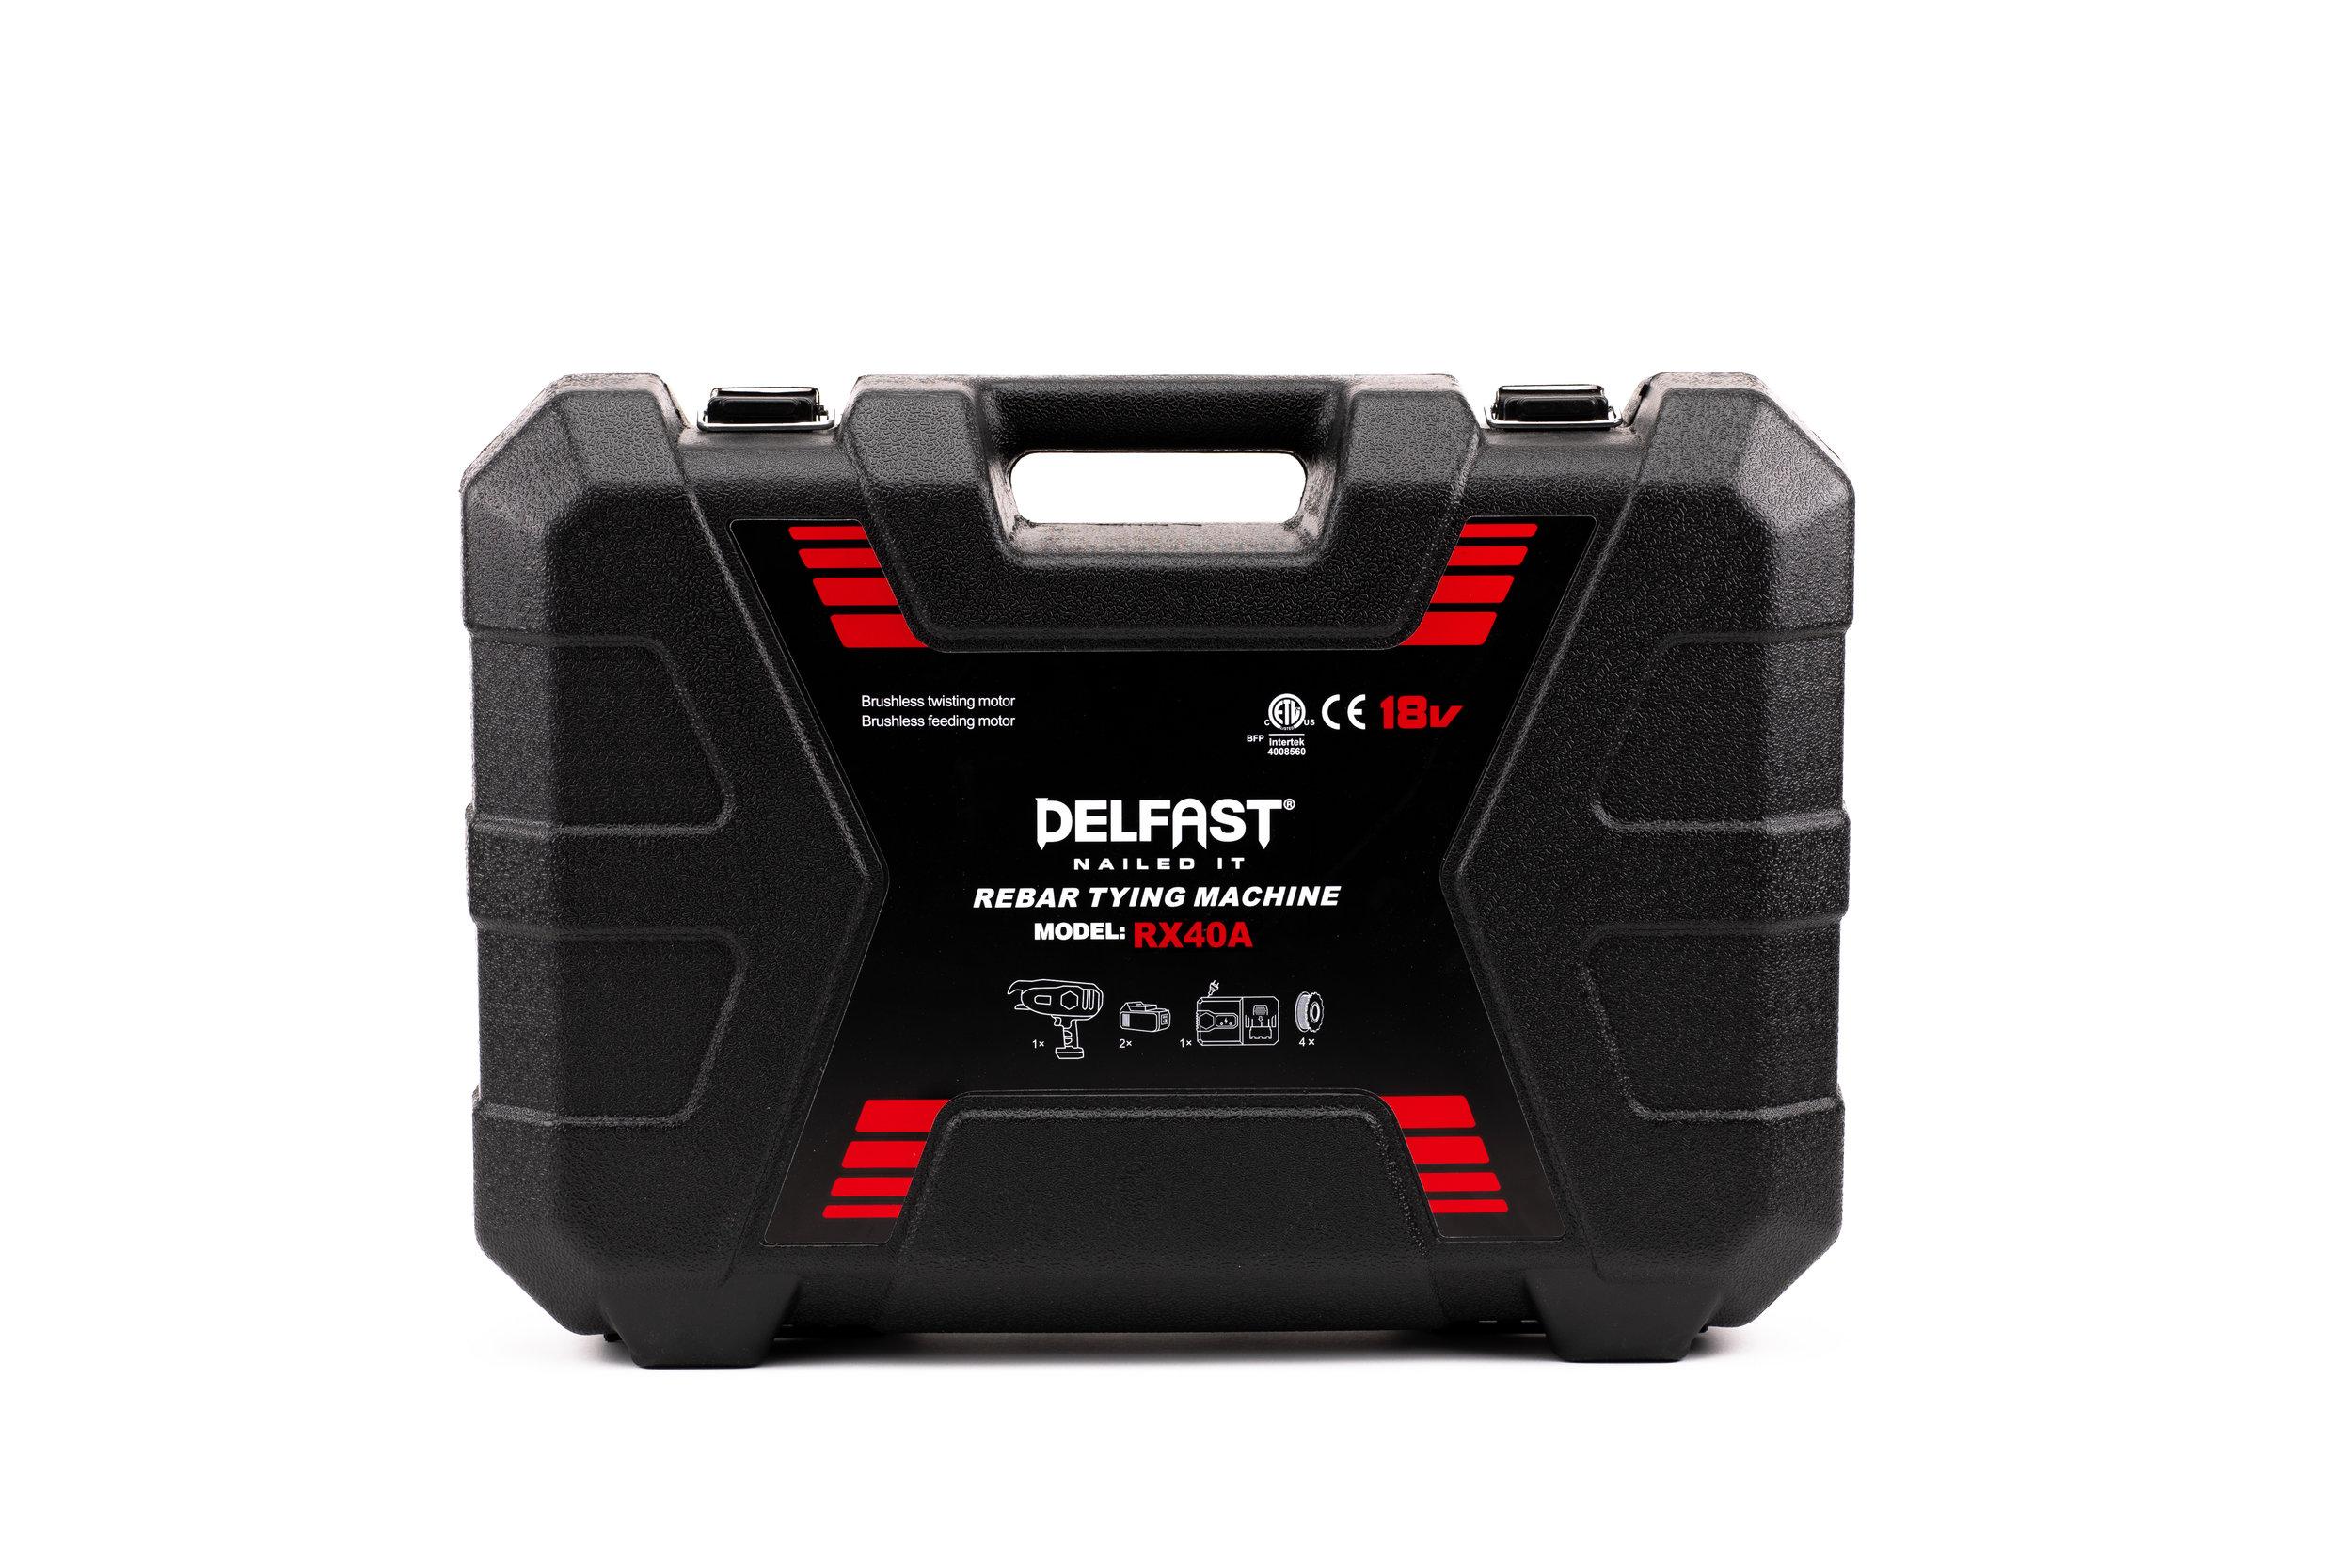 Delfast-1.jpg